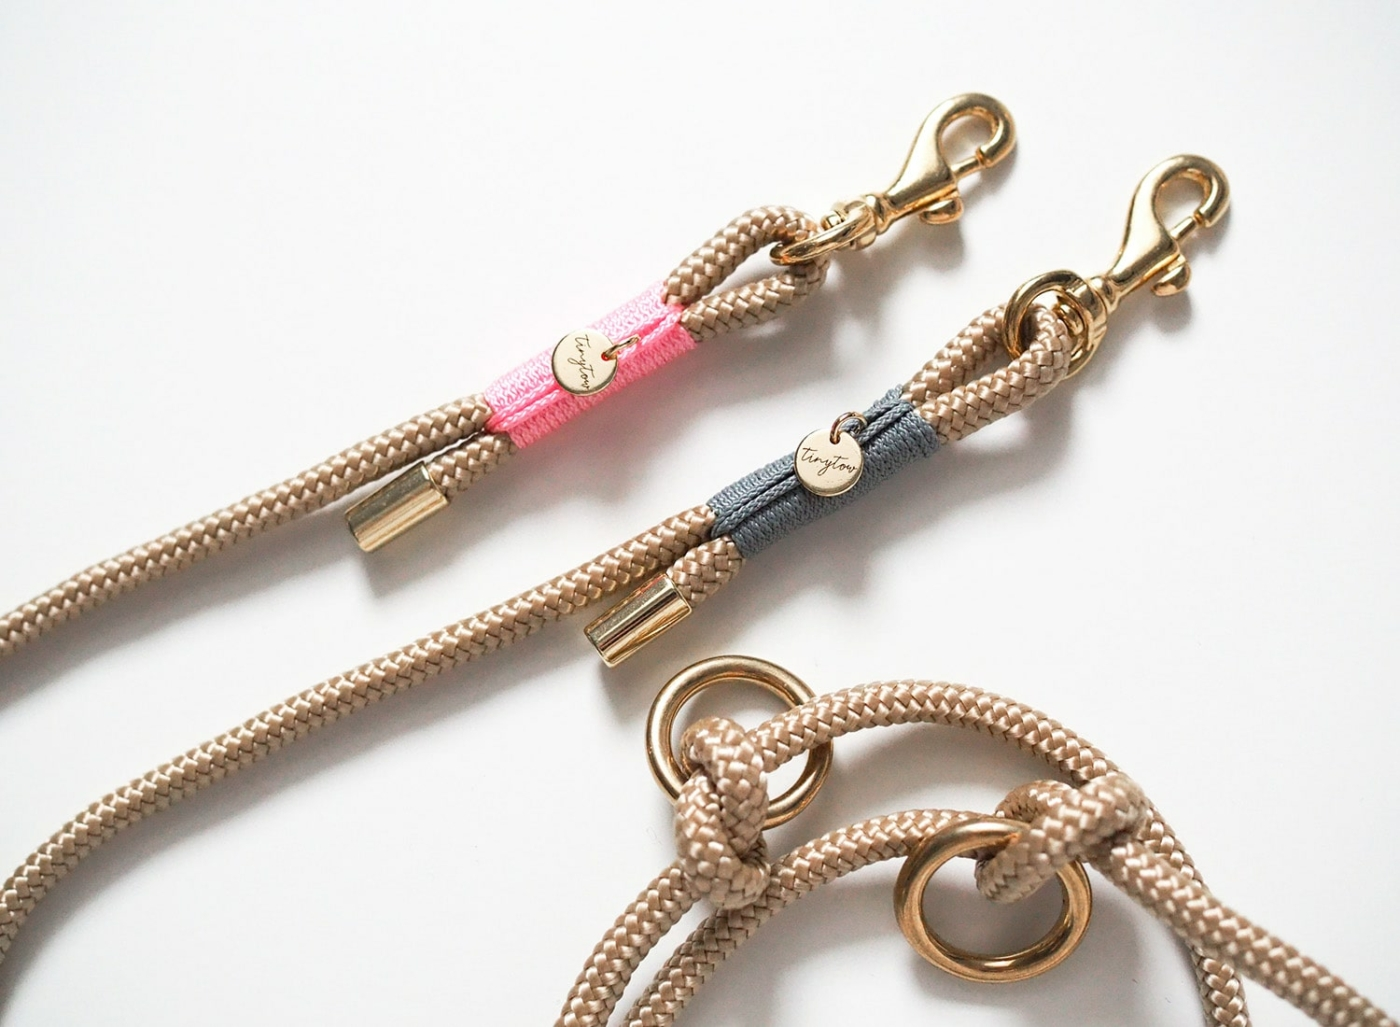 Hundeleine mit 6mm Tau in beige mit rosa und grauer Umwickelung (Takelung). Das dünne Tau und die leichten Karabiner eignen sich gut für sehr kleine Hunde.